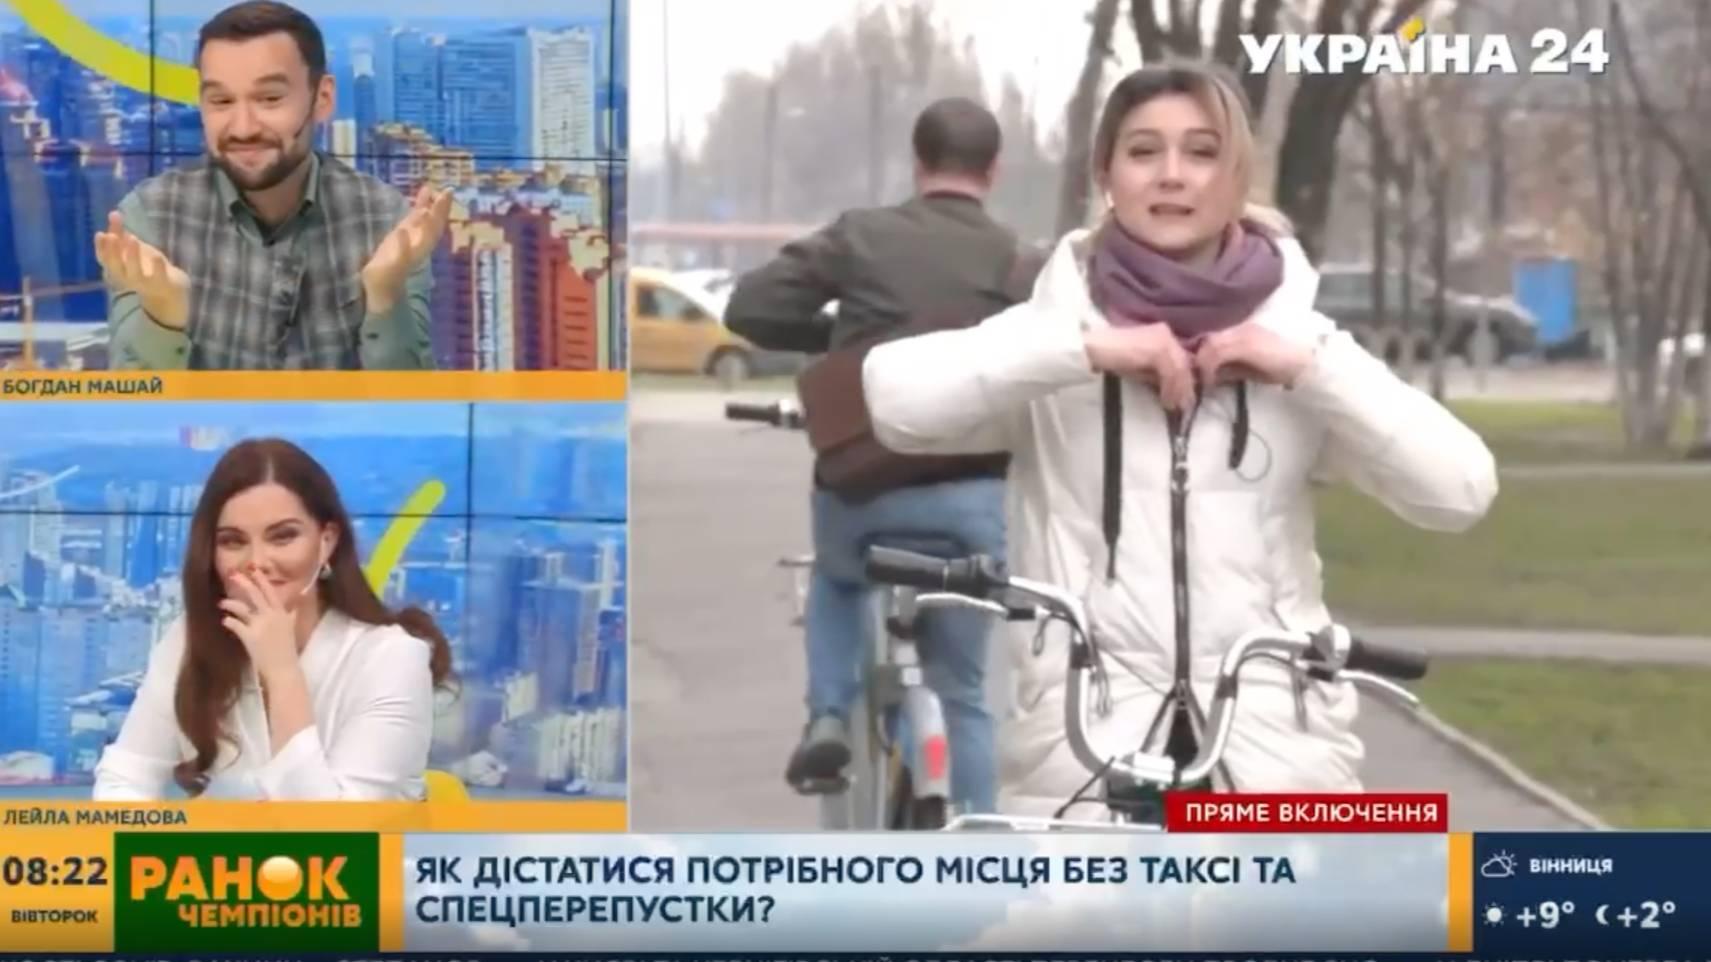 Журналистка с Украины задала вопрос велосипедисту, но ответ заставил её испуганно убрать микрофон